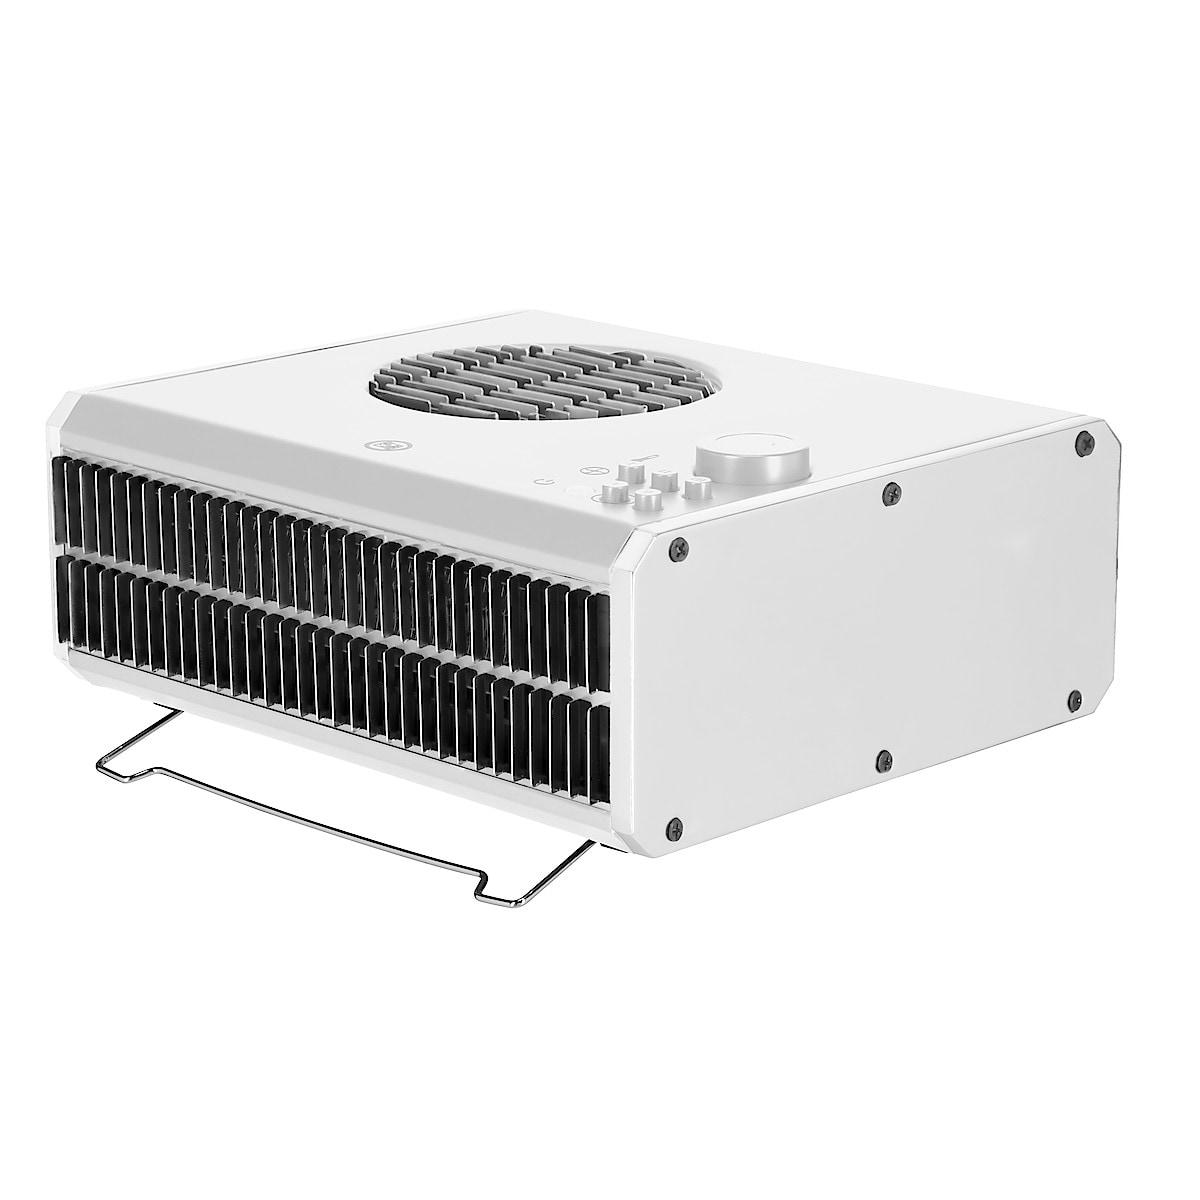 Värmefläkt Cotech 1800 W